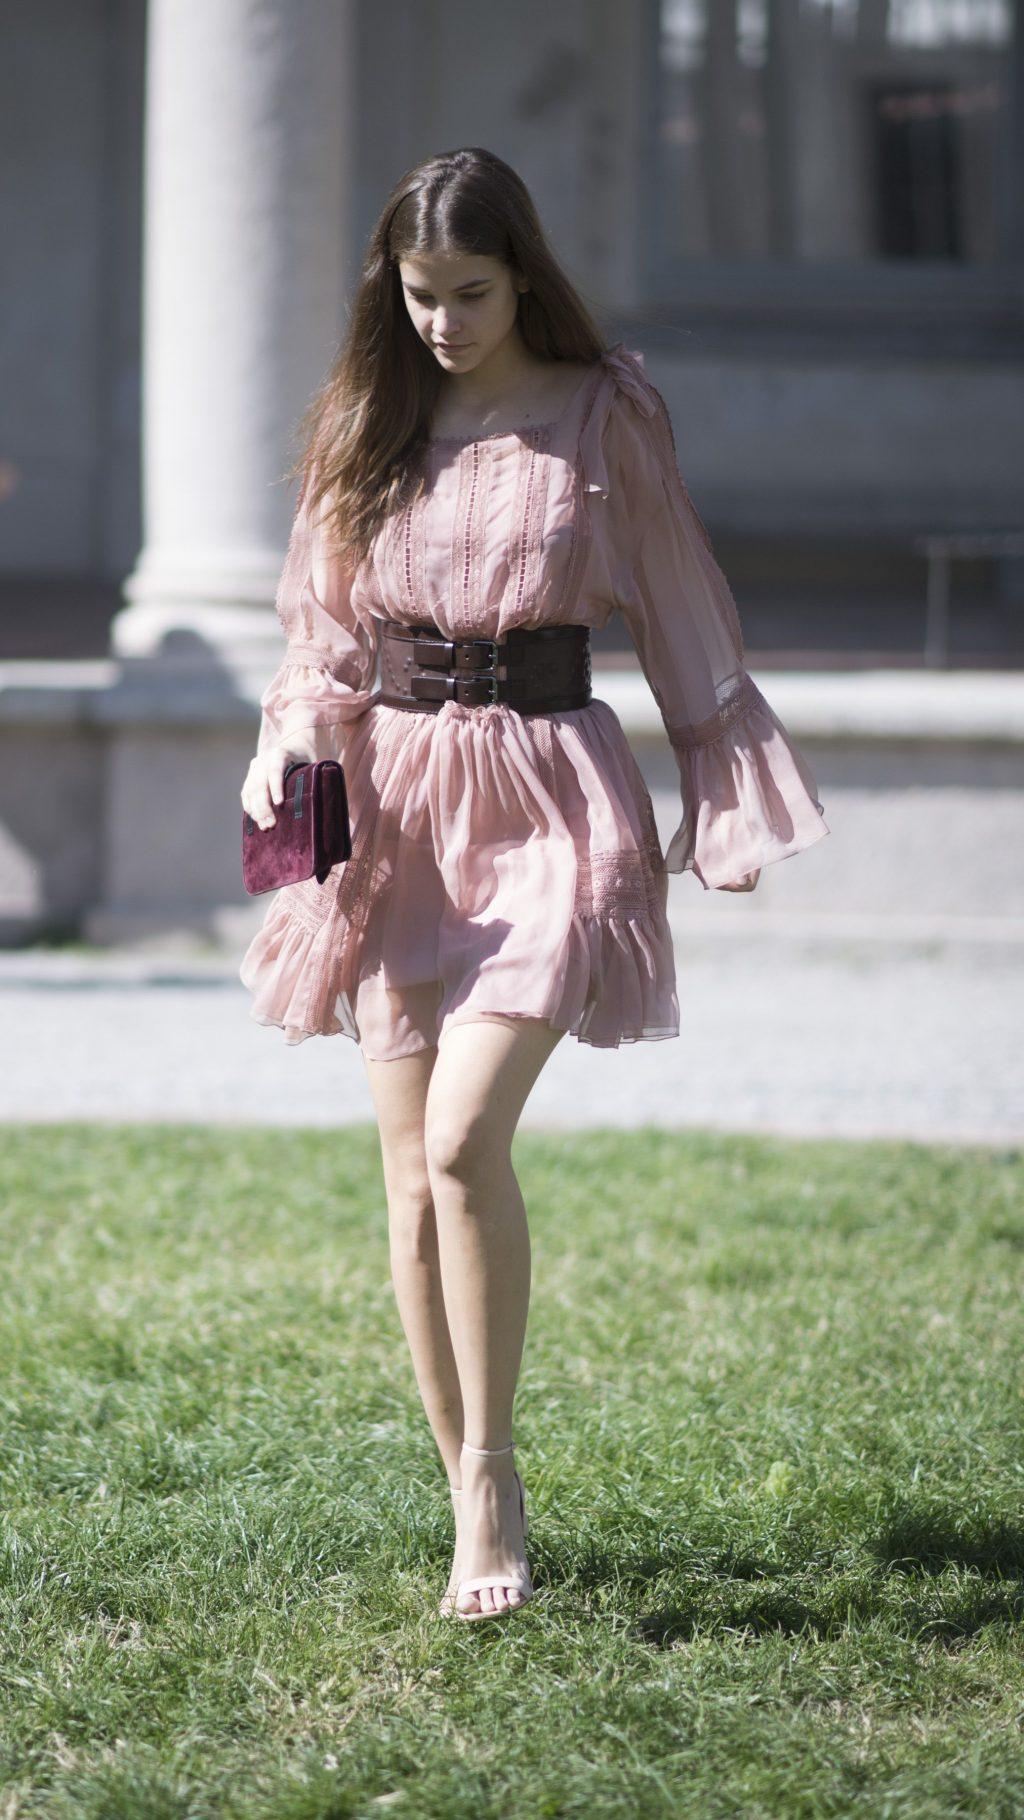 phong cách thời trang đầy lôi cuốn của Barbara Palvin 17